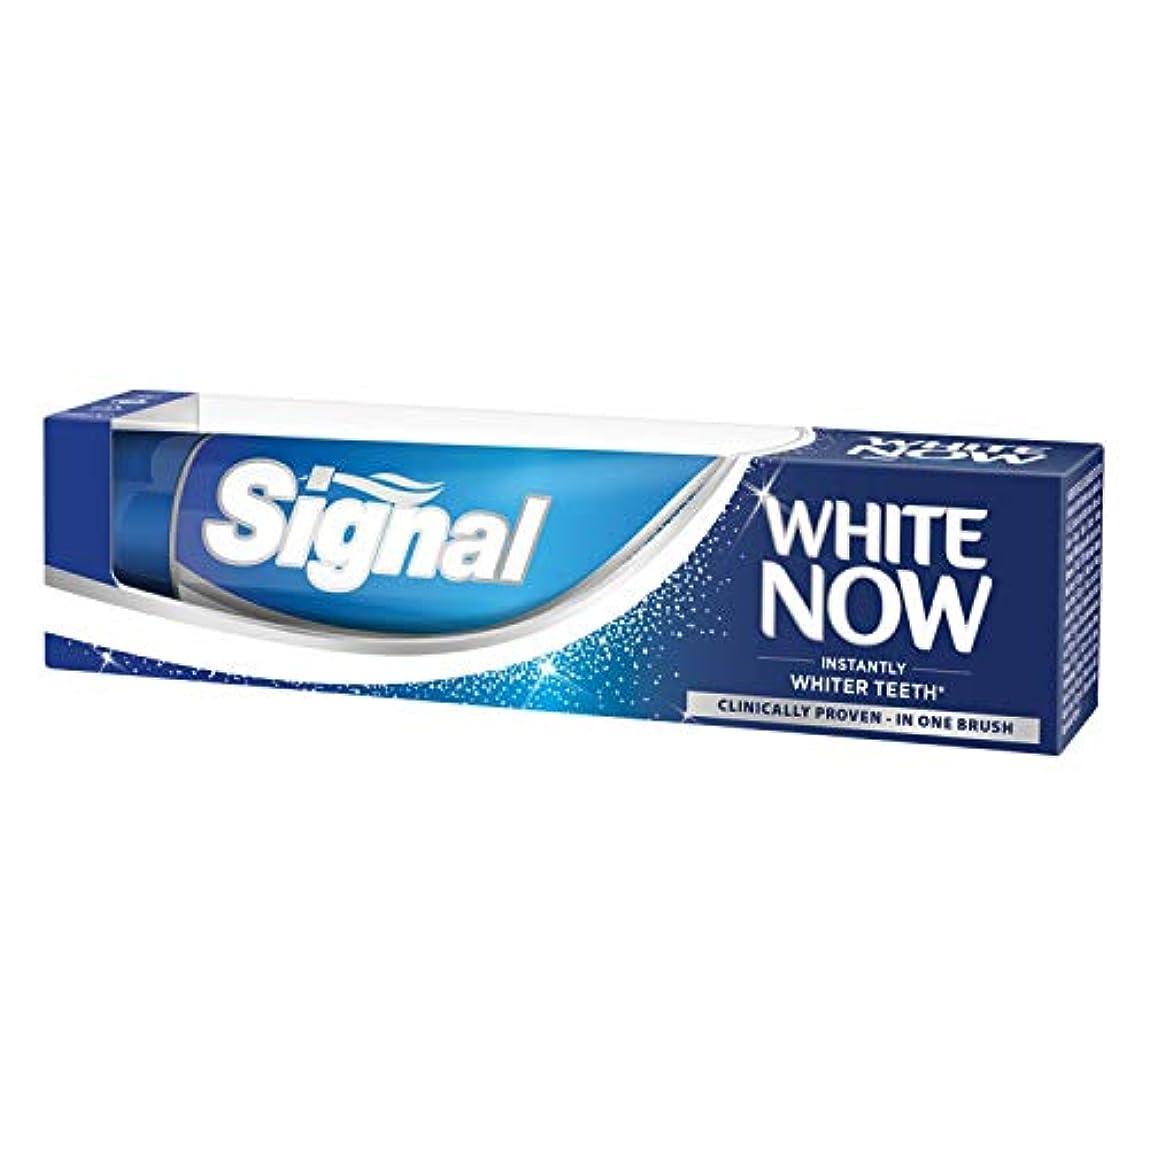 ボールフェンス暗黙Signal(シンガル) White Now「白今」 ホワイトニング歯磨き粉 インスタント効果、臨床的に証明された 75ml 3個入り [並行輸入品]